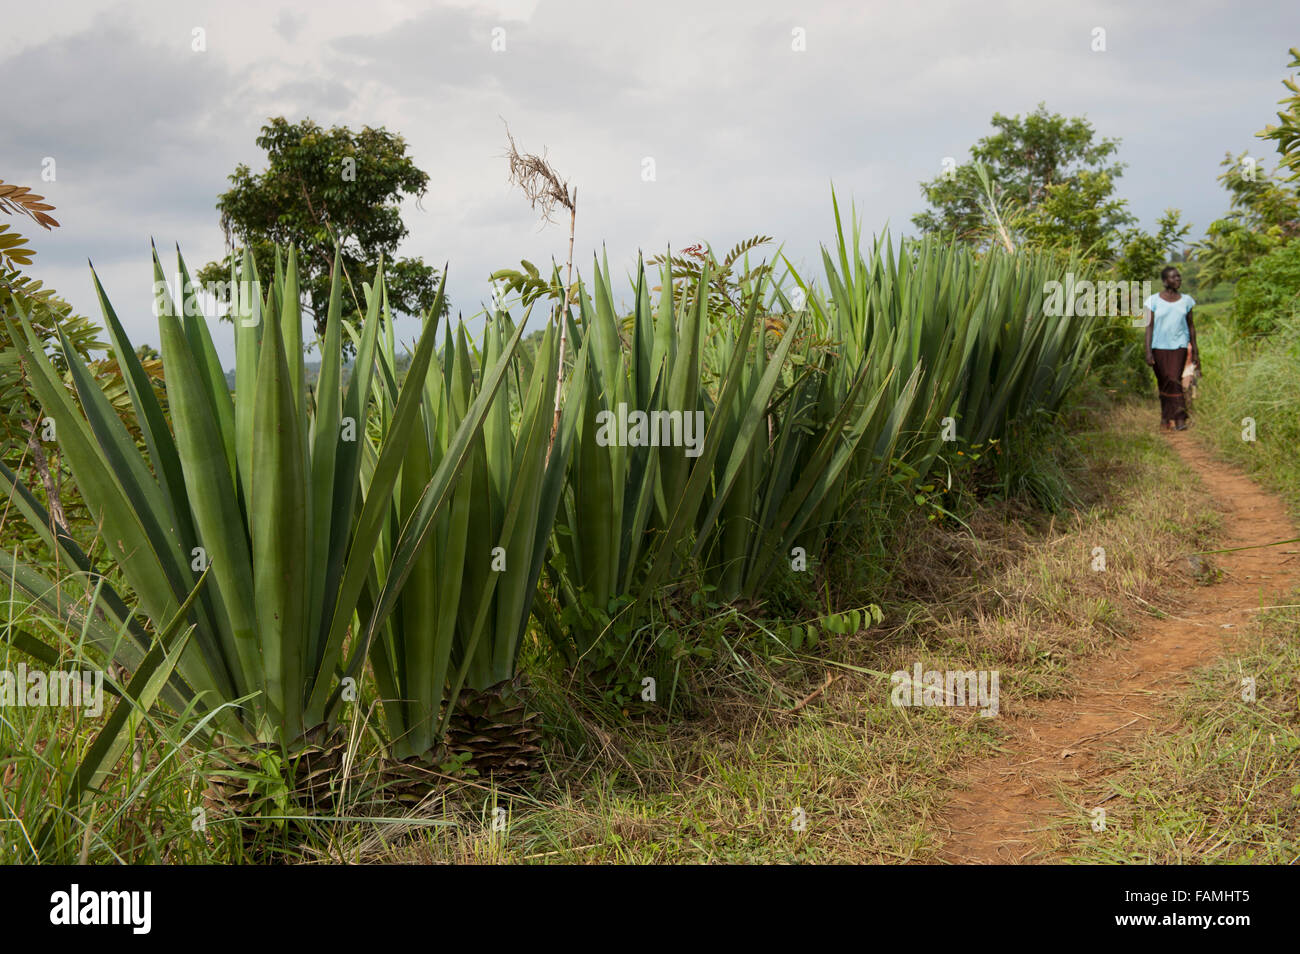 Sentier avec agave, Agave sisalana, utilisé pour la fabrication de cordes, aux côtés de plus en plus, Photo Stock